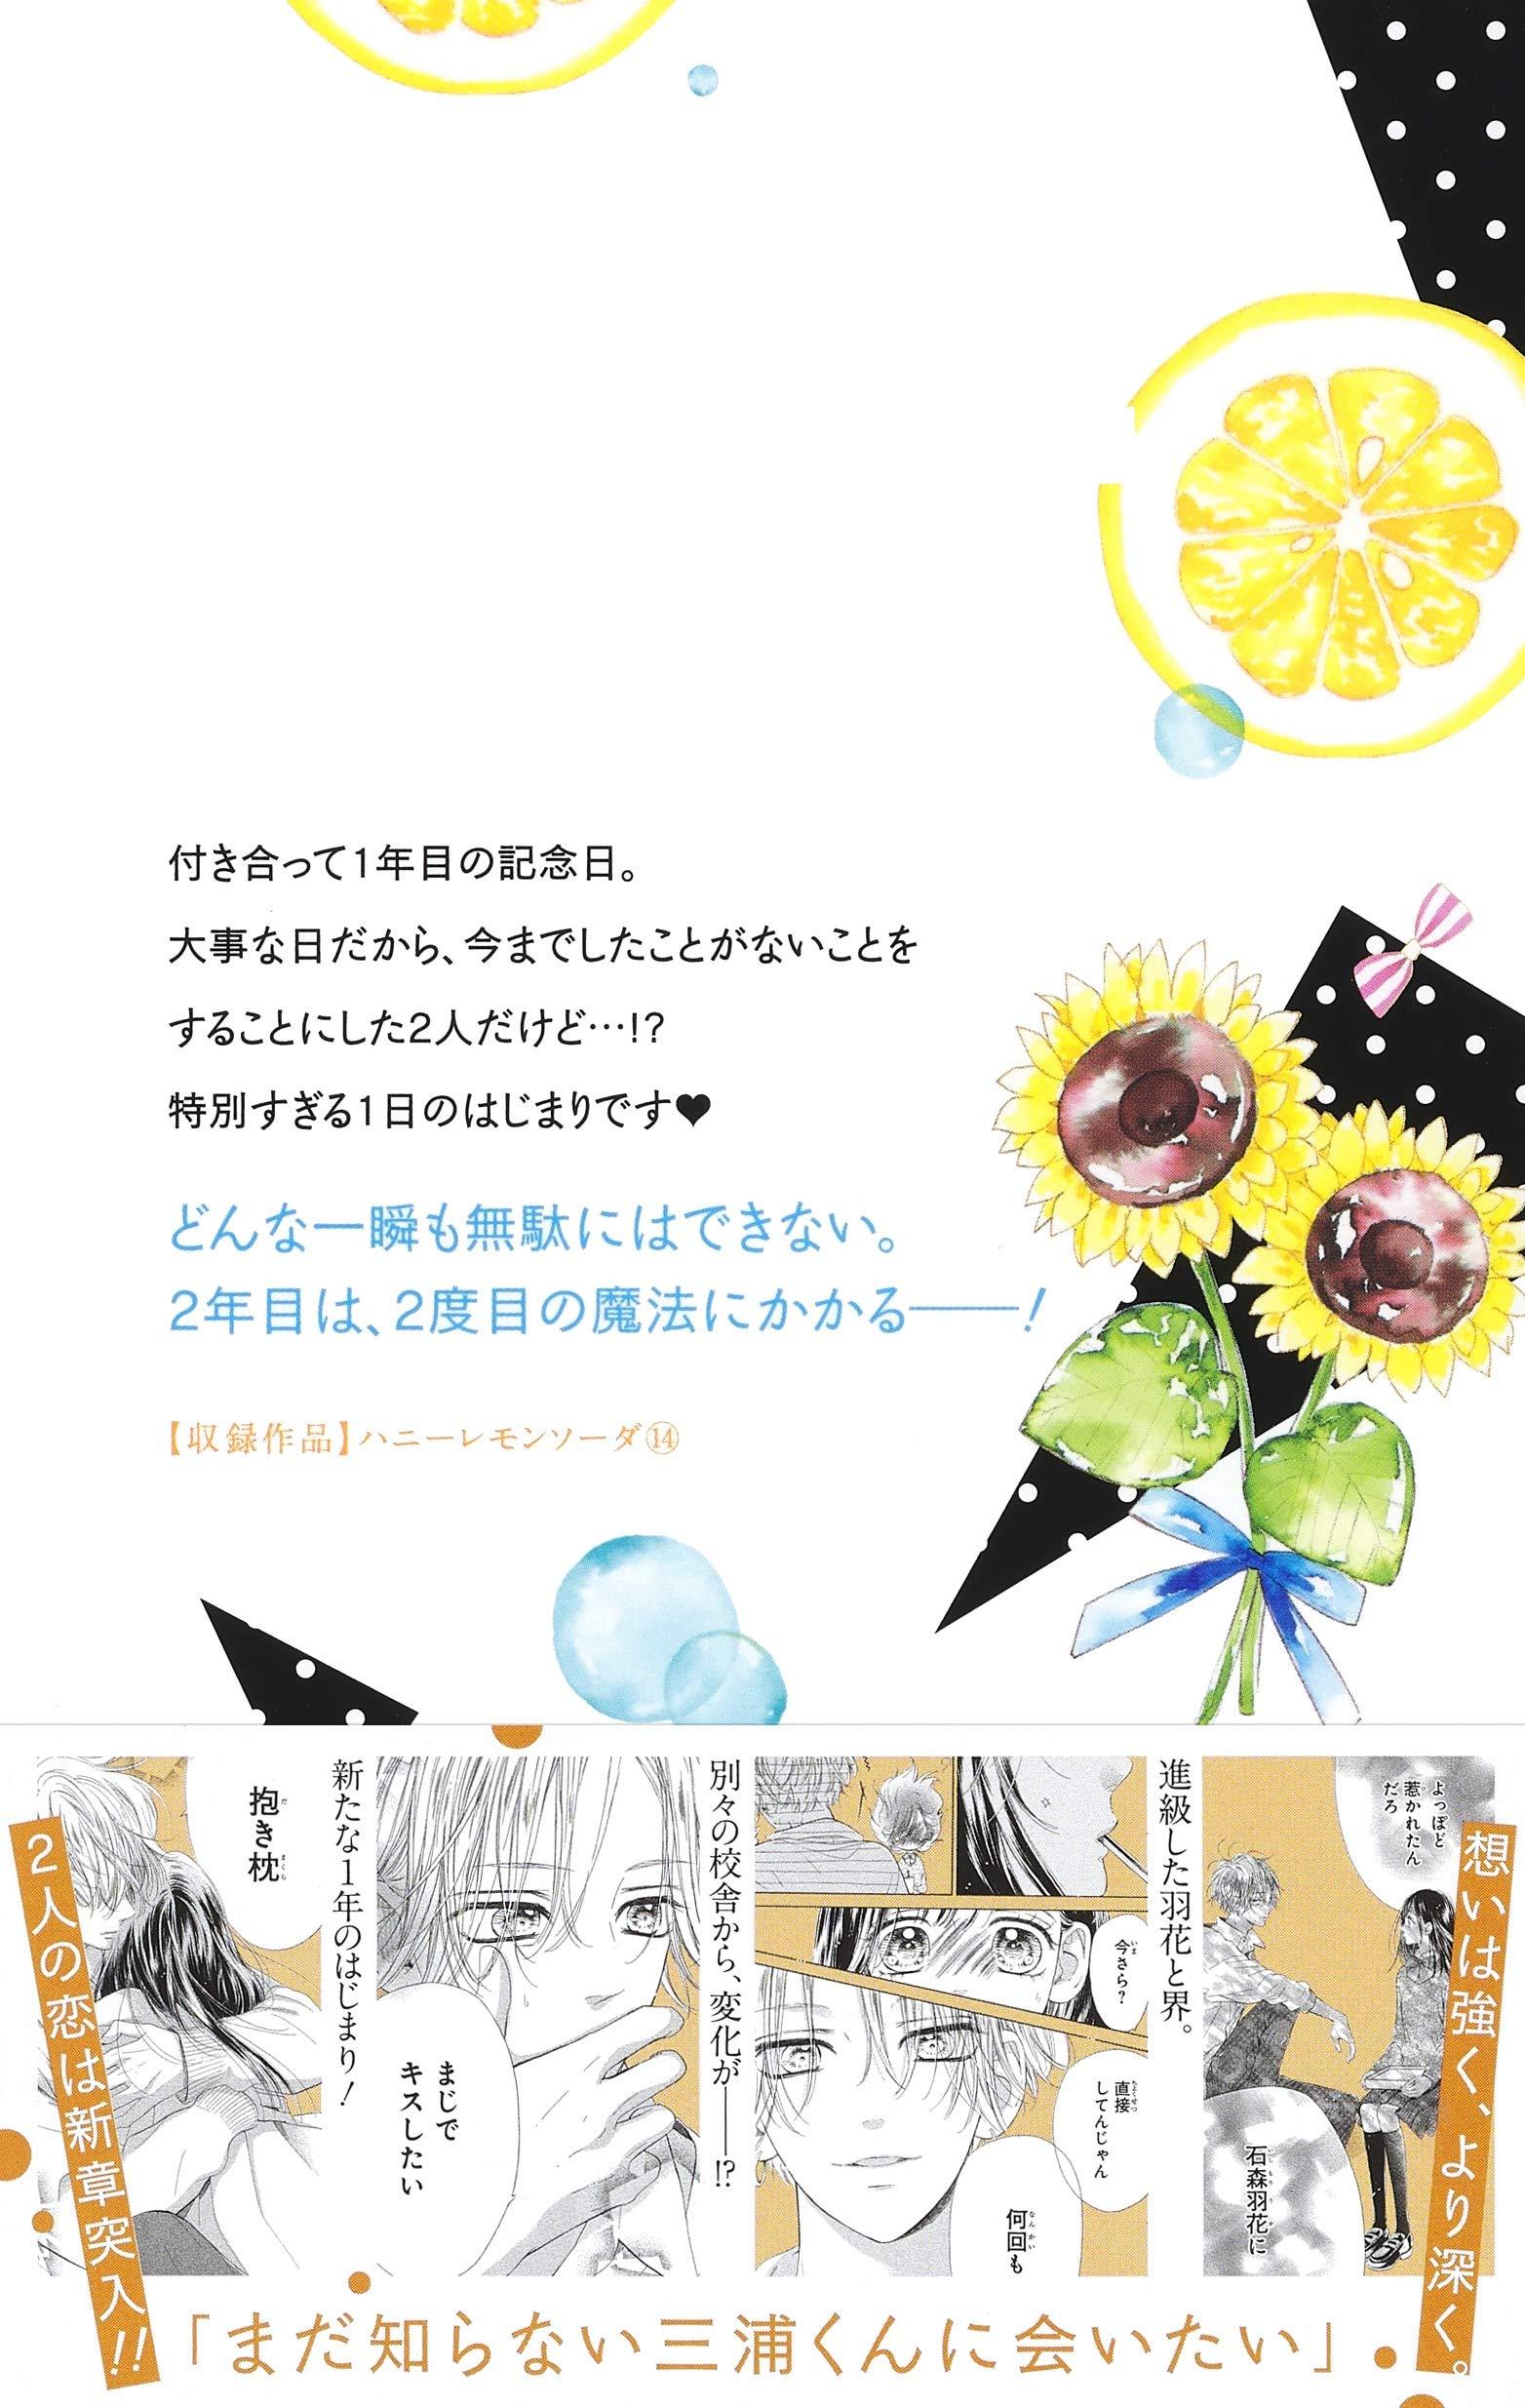 レモン ソーダ 最終 巻 ハニー